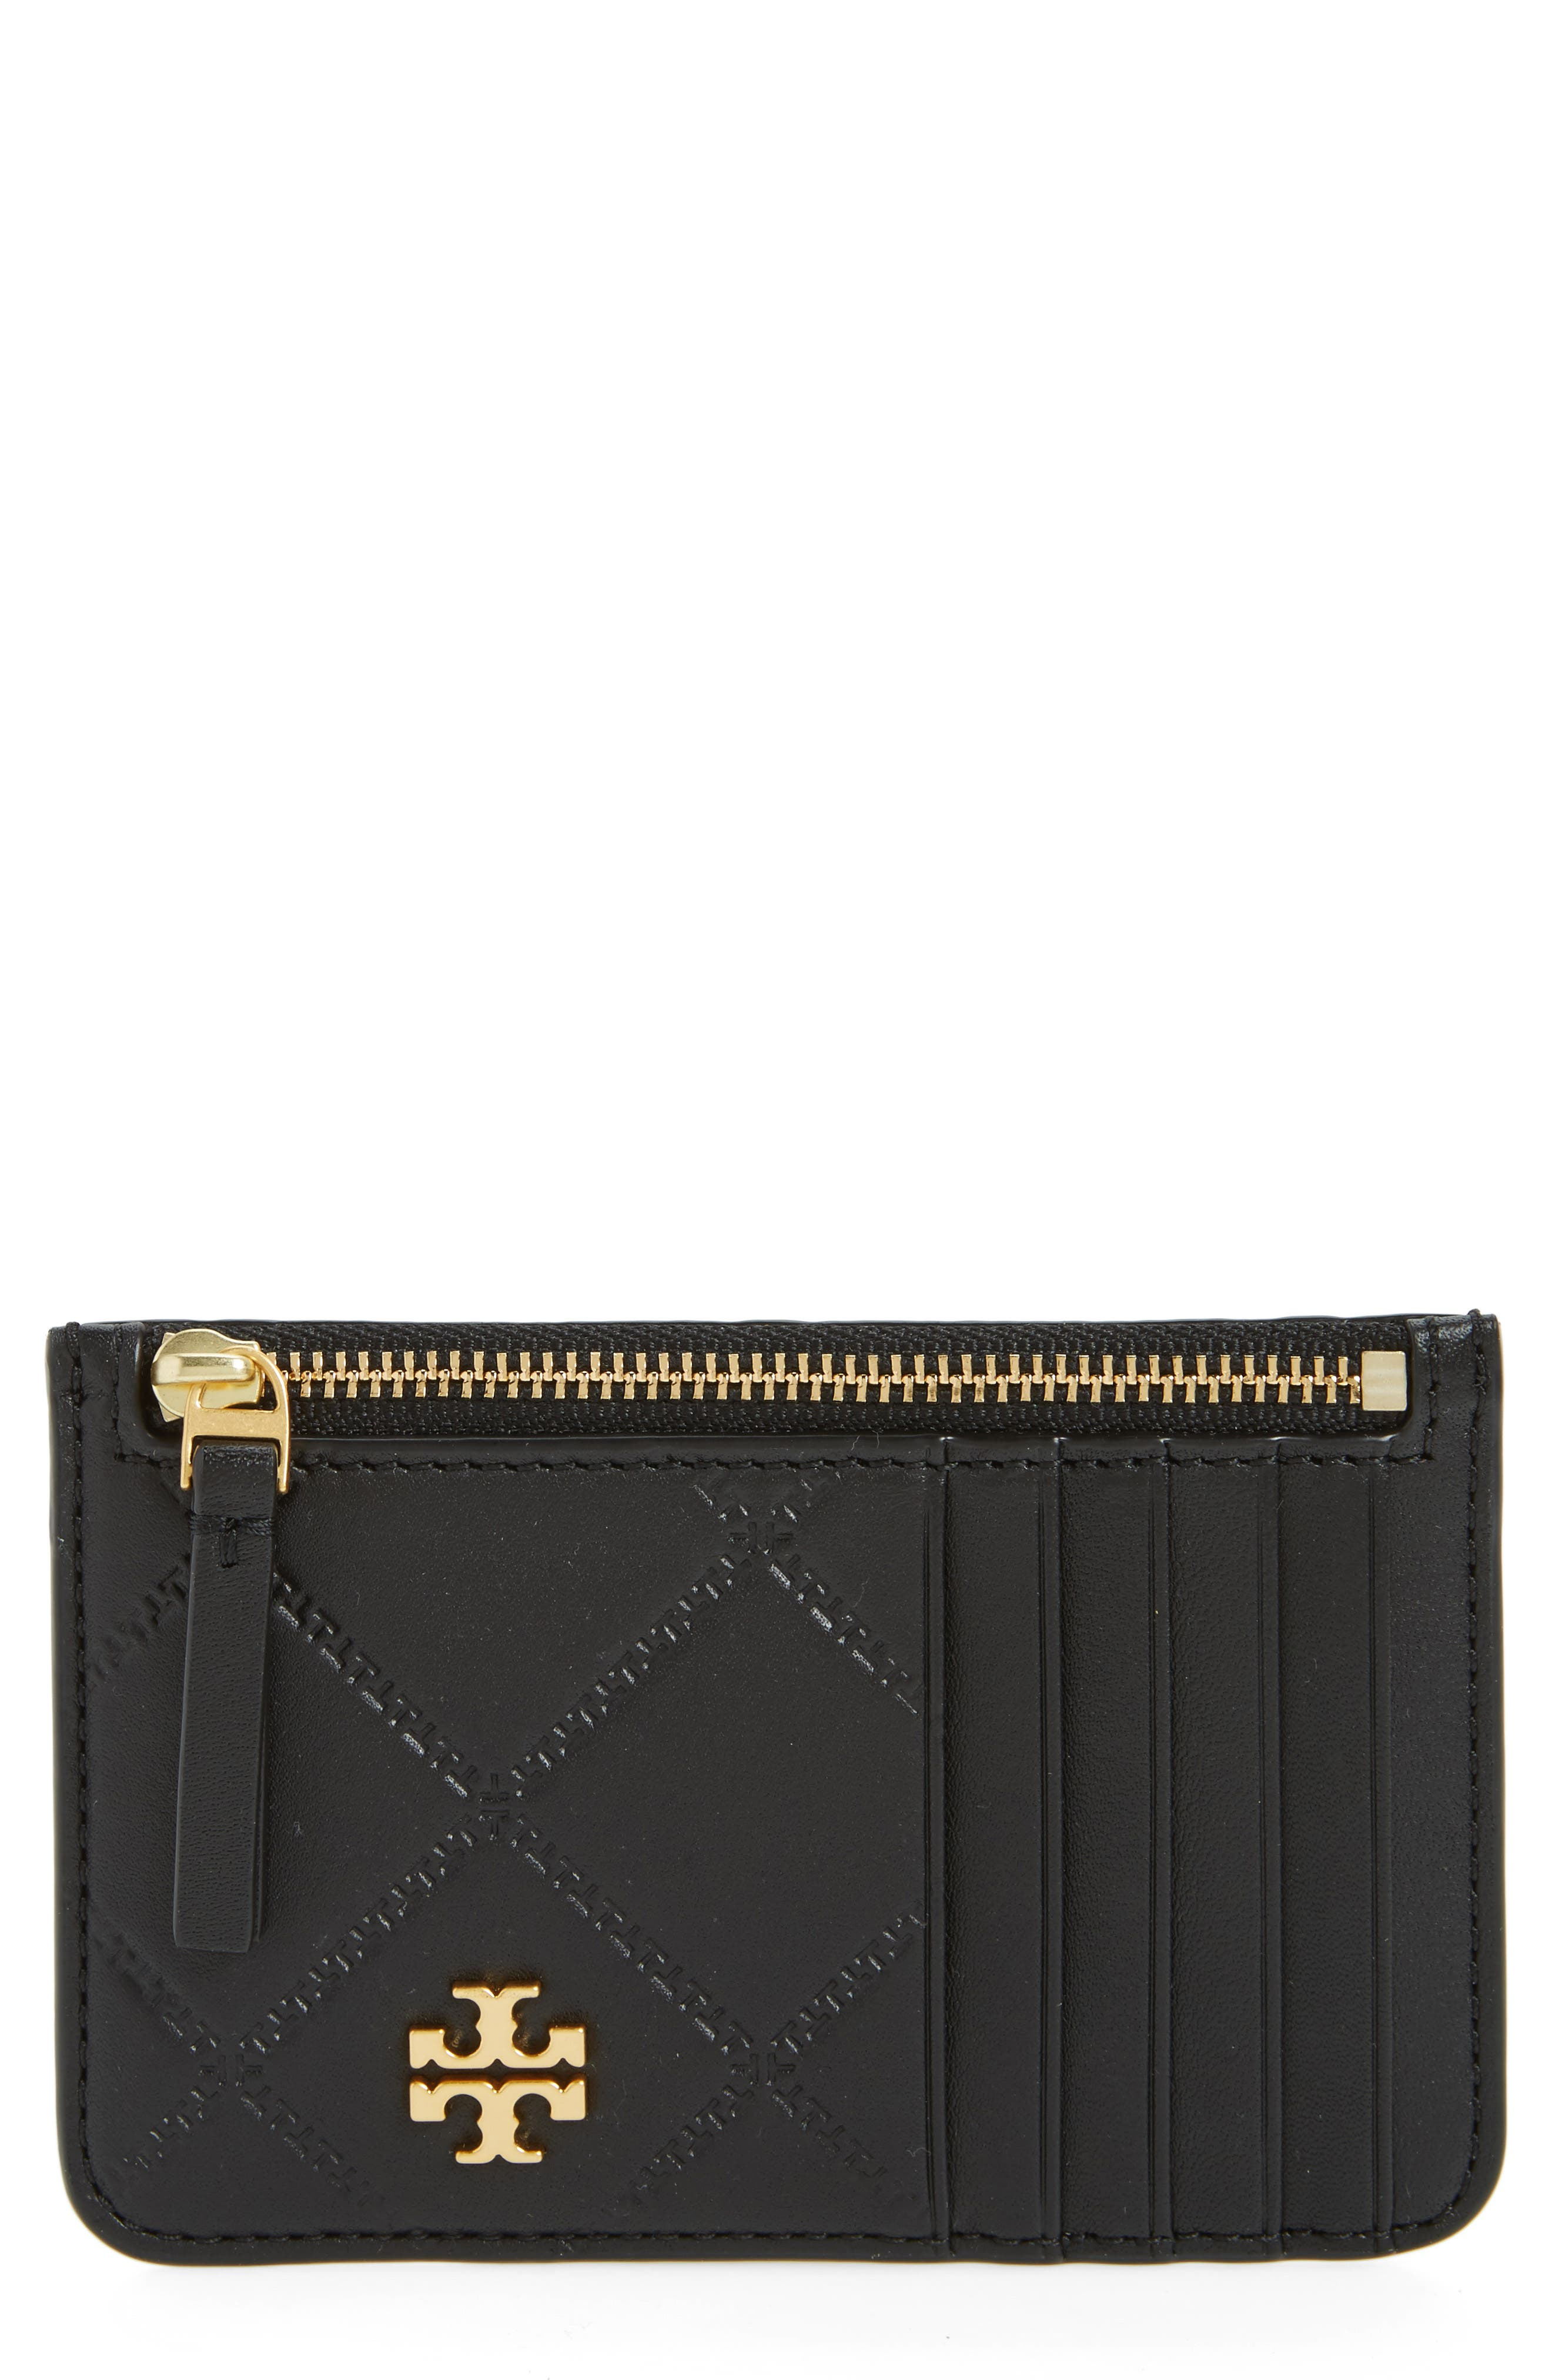 Georgia Leather Card Case,                             Main thumbnail 1, color,                             001